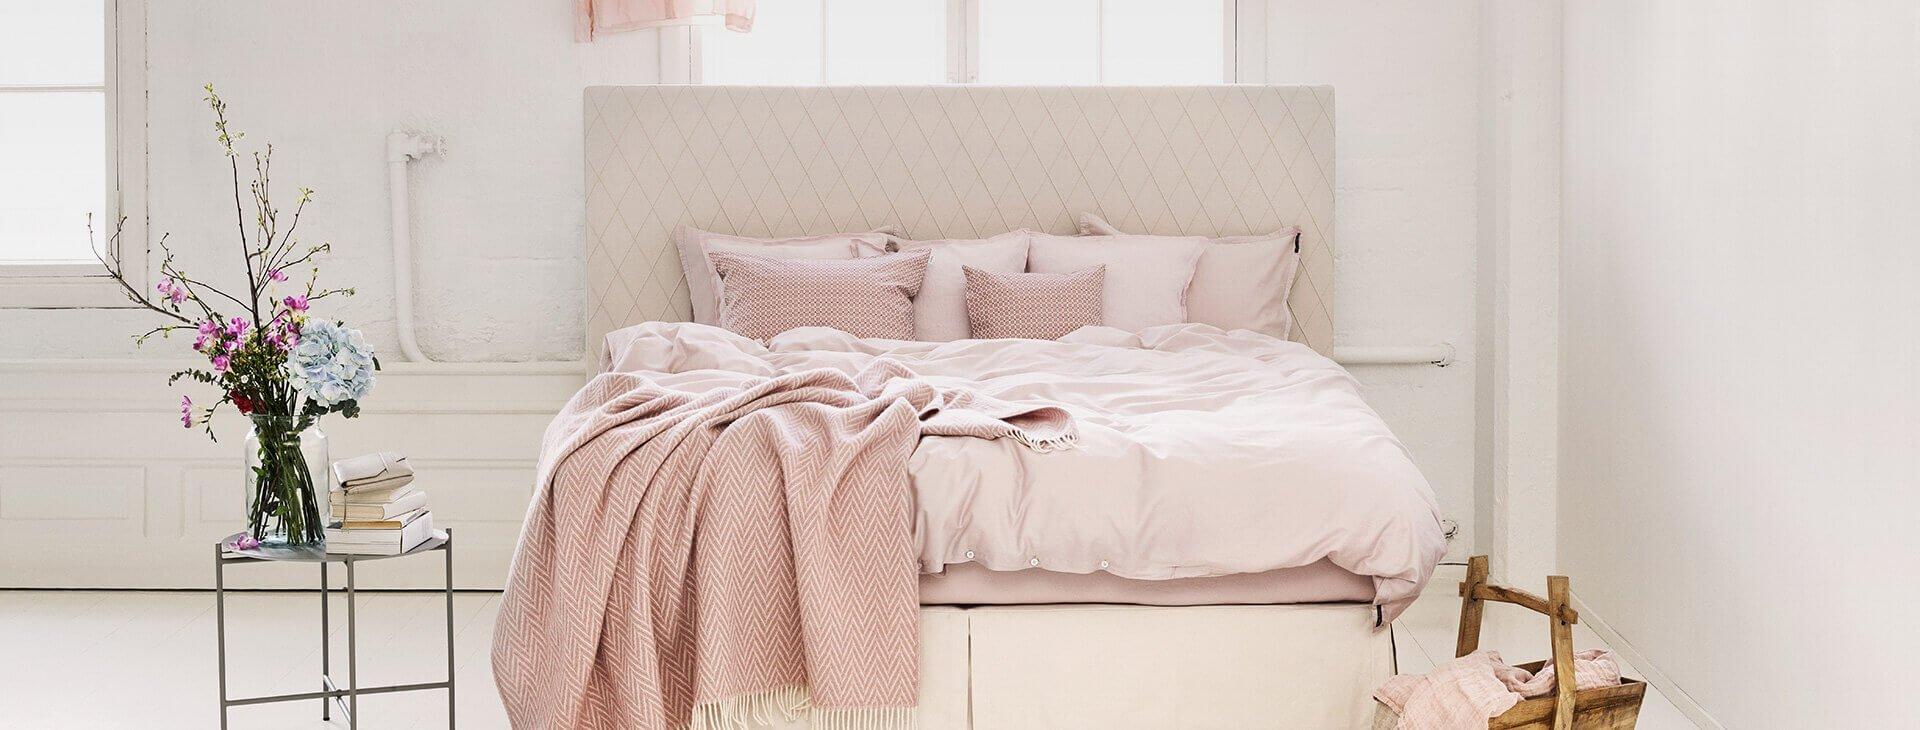 Stilwerk Berlin Betten fennobed ihre stores im stilwerk berlin